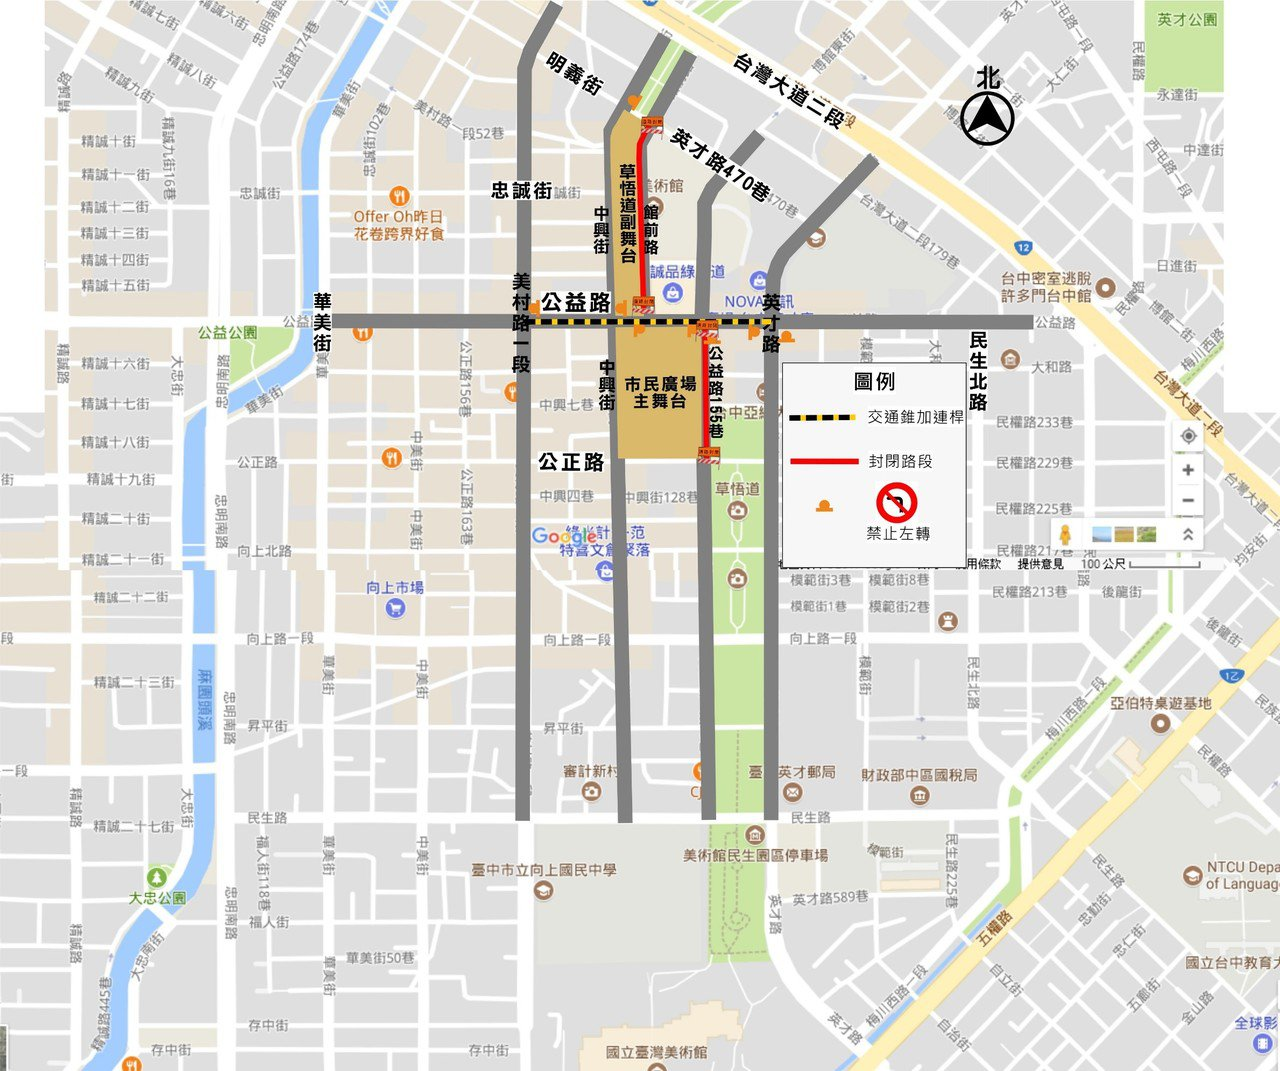 台中爵士音樂節將在11日登場,為期10天,台中市第一警分局規劃交通管制路段。圖/...